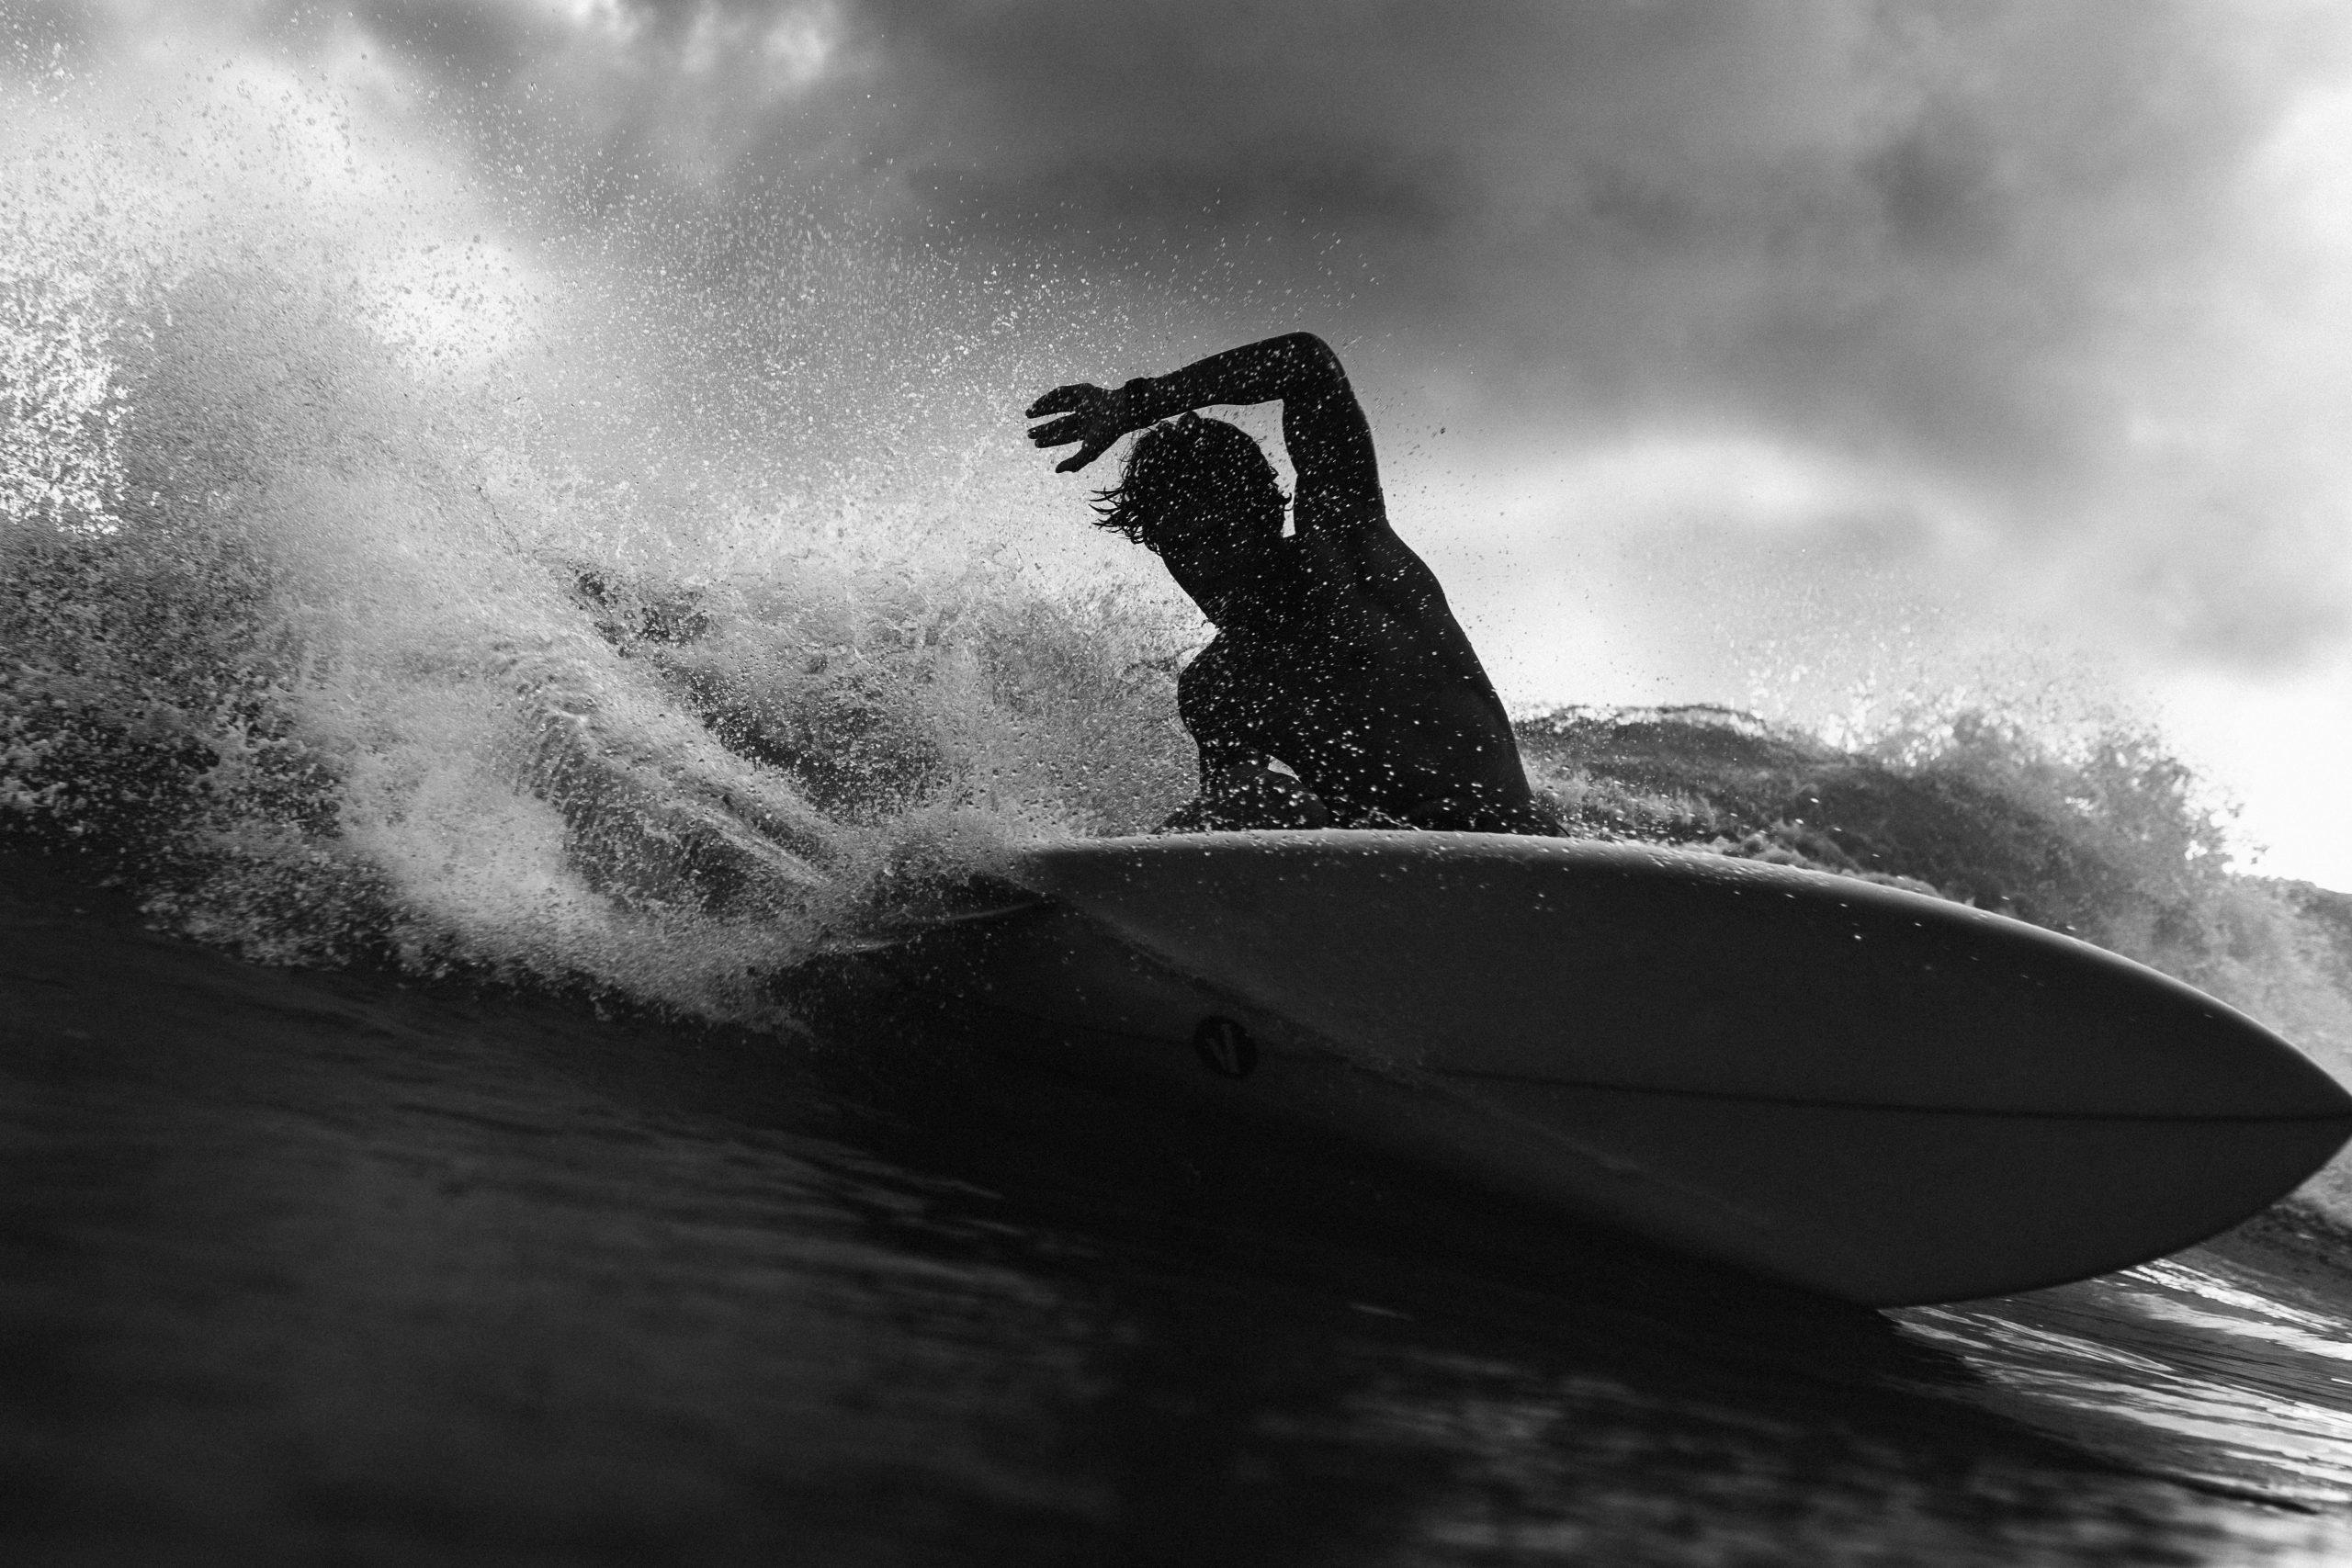 man surfing a big wave